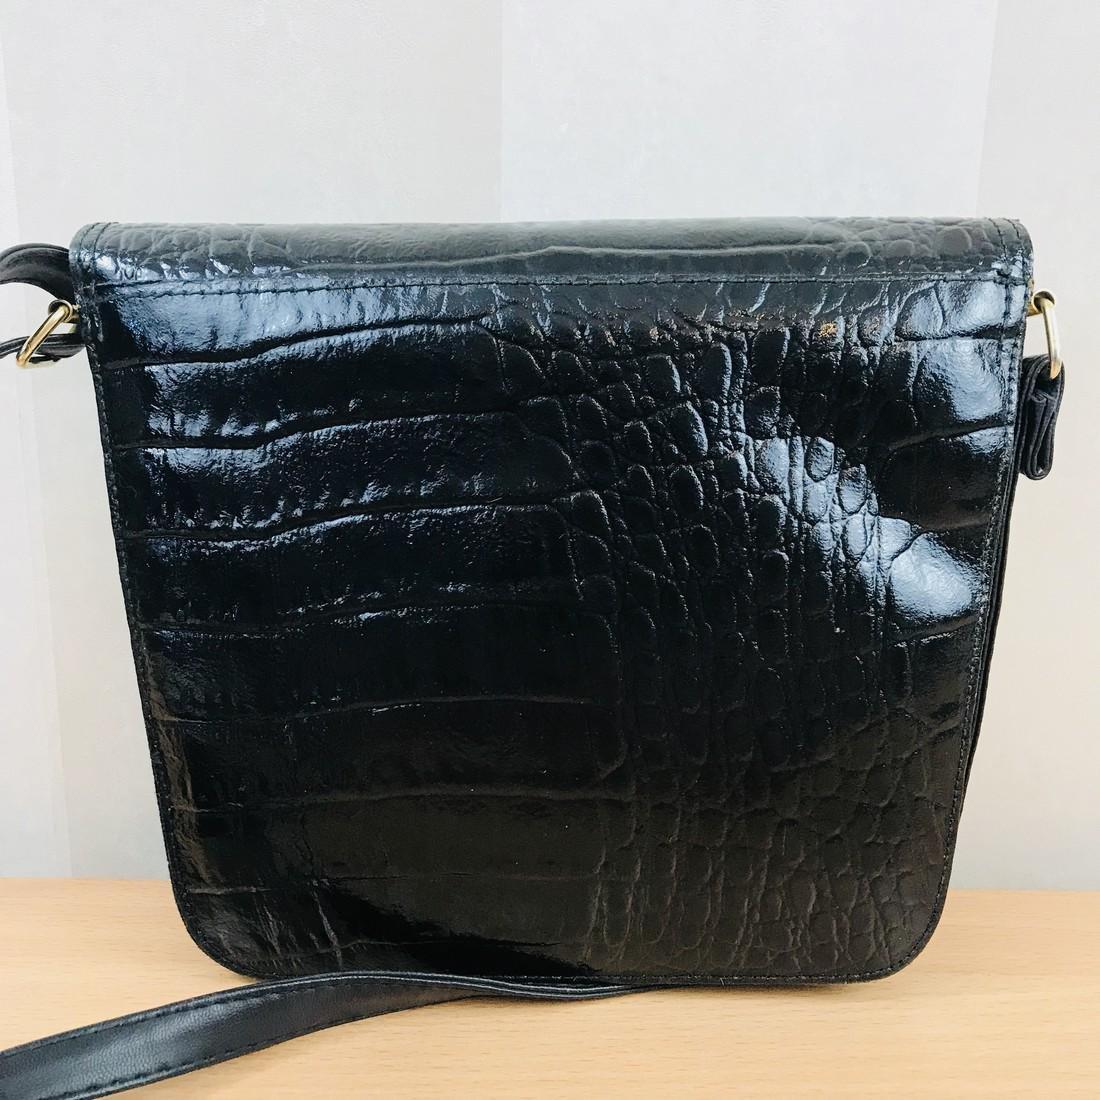 Vintage Handmade Alligator Leather Immitation Small - 4